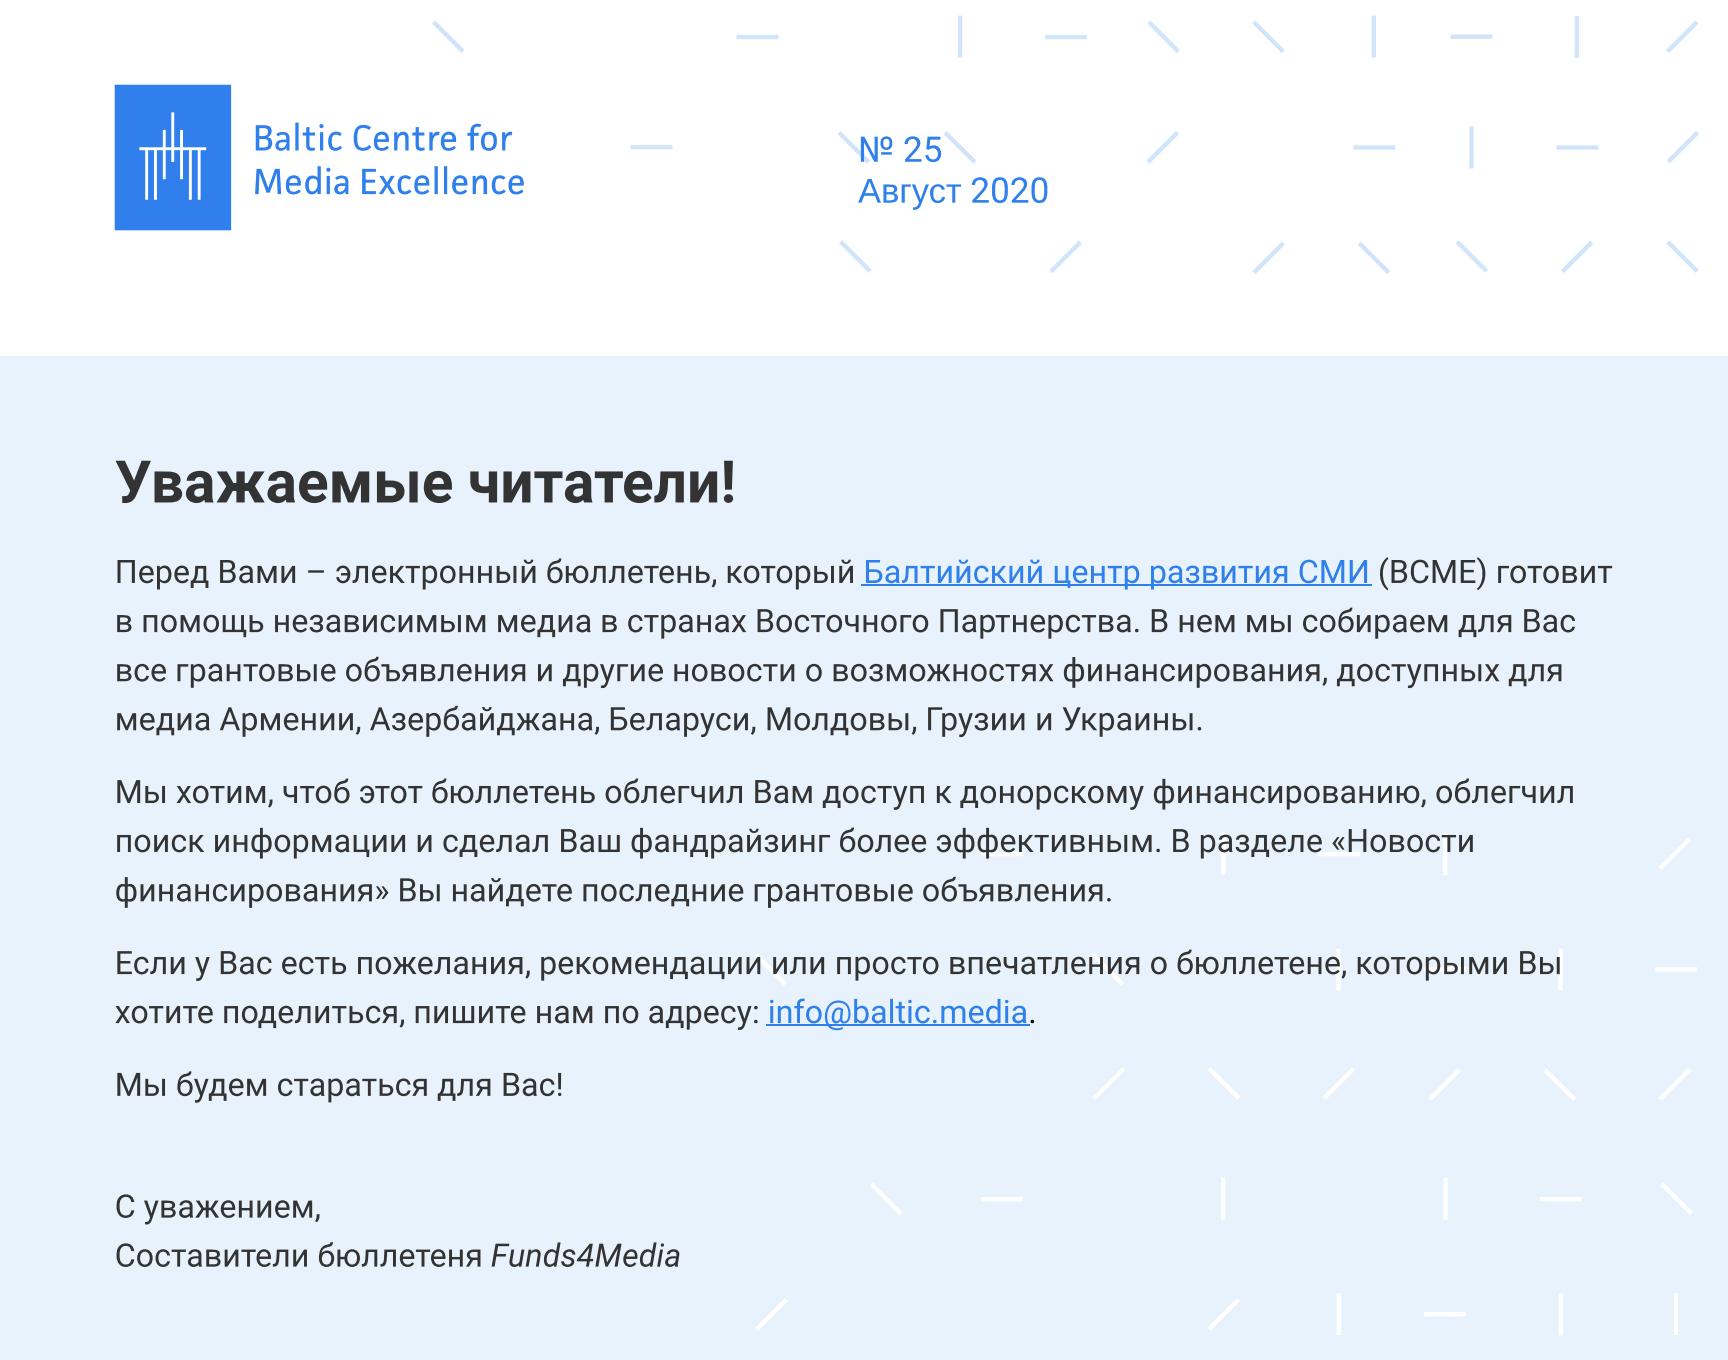 Бюлетень Балтійського центру розвитку ЗМІ. Випуск 25. Серпень 2020 р.